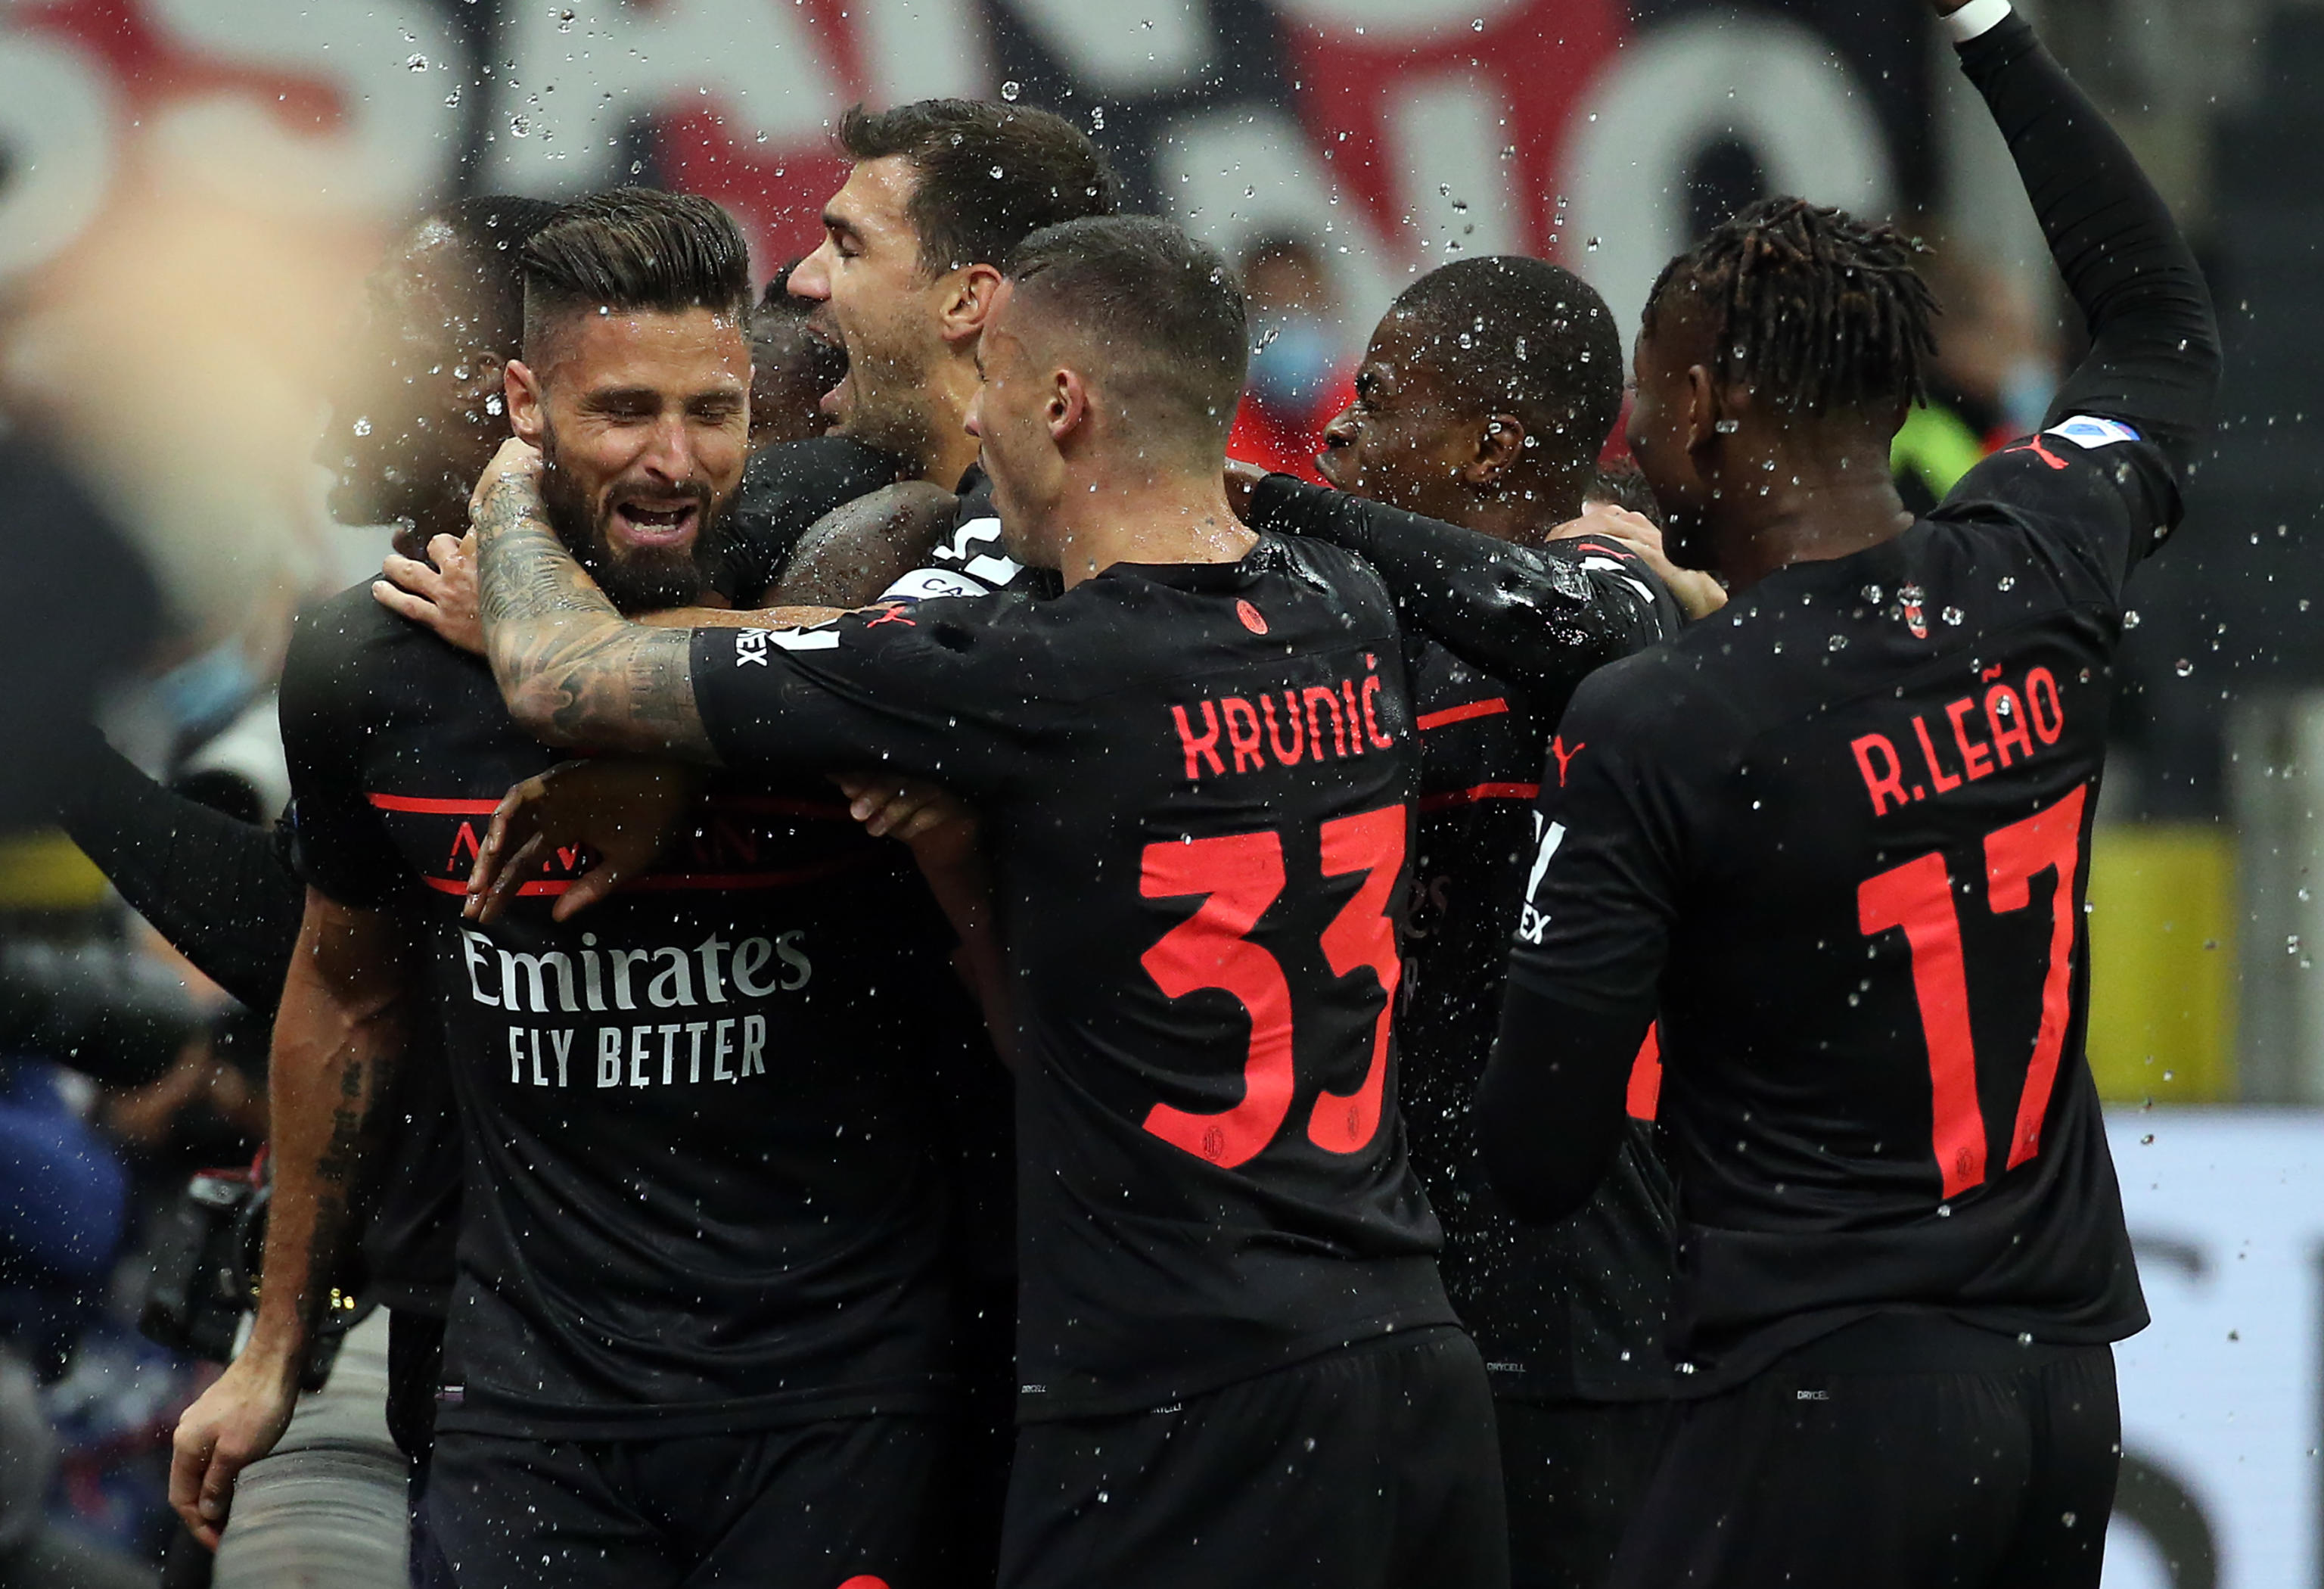 Milan poco brillante ma efficace, Torino sconfitto 1 0 a San Siro: rossoneri a +3 sul Napoli [CLASSIFICA]